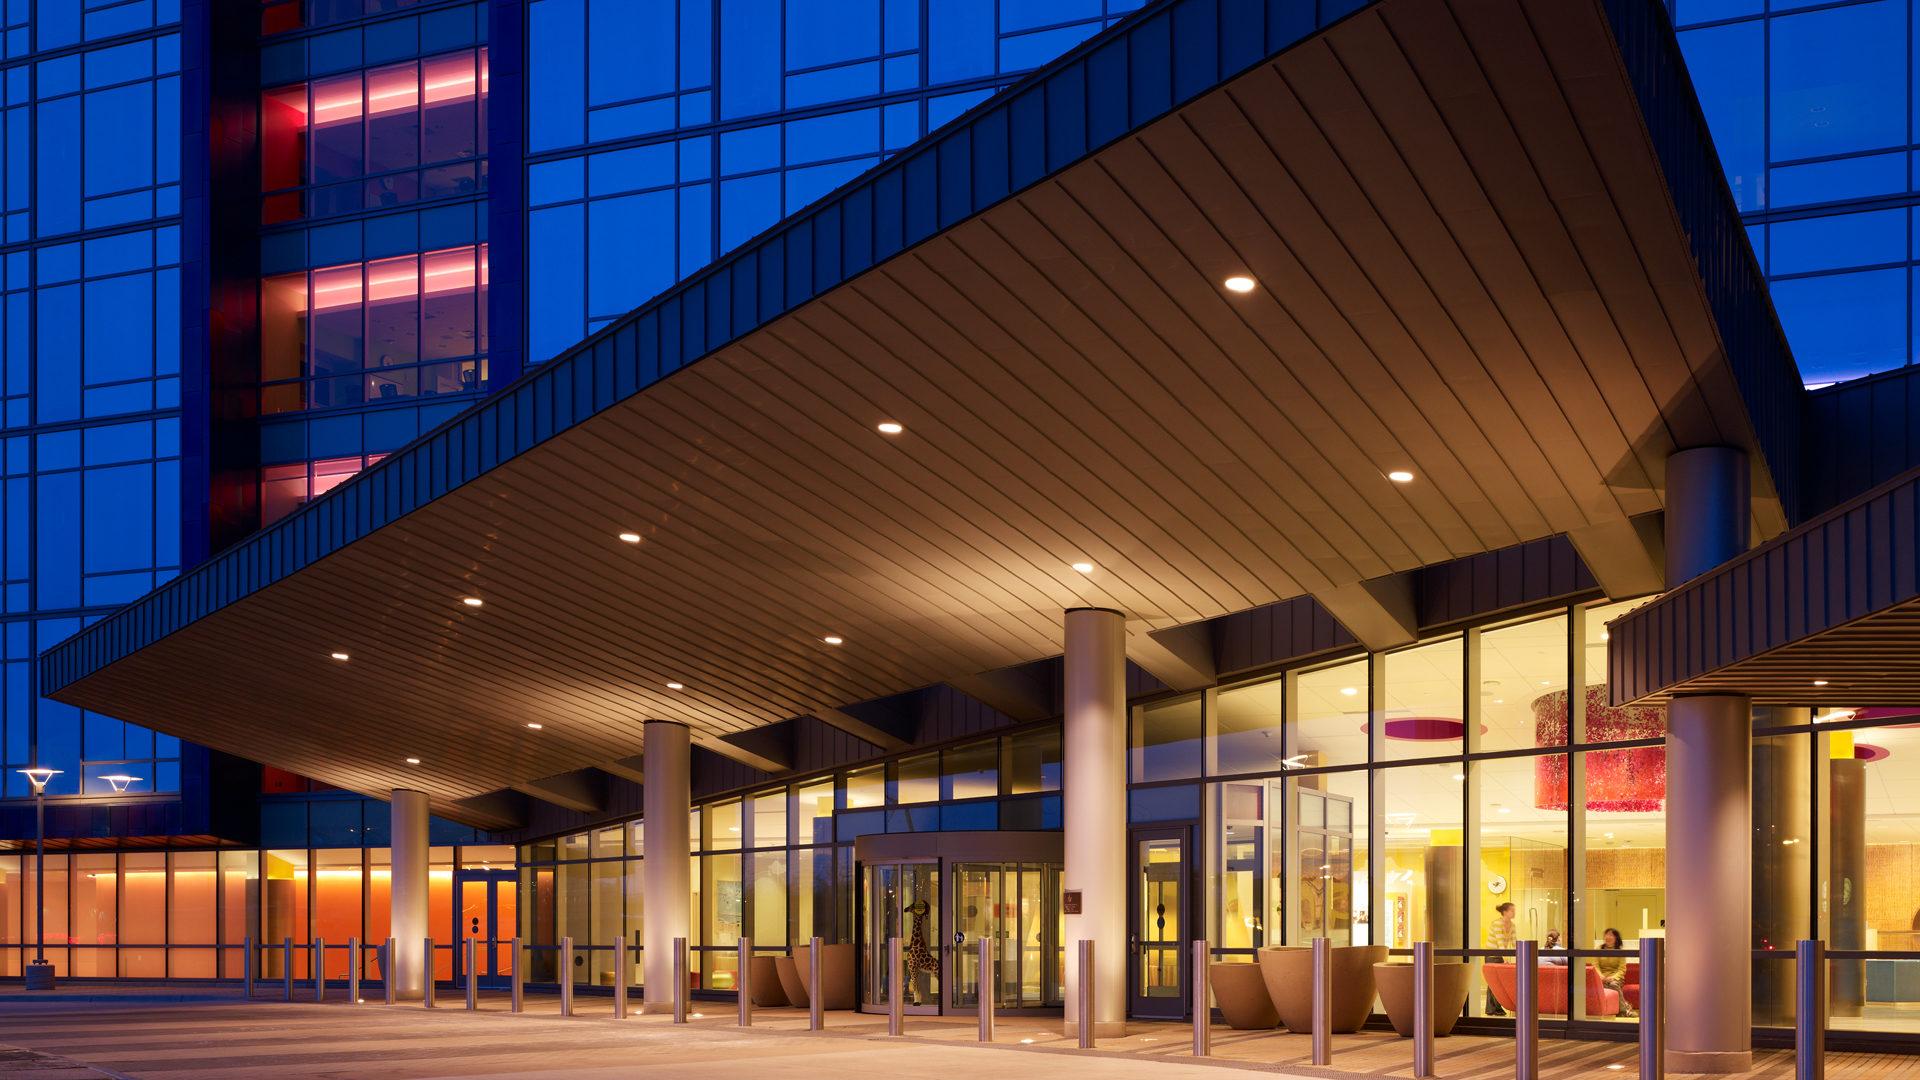 U of M Masonic Childrens Hospital Amplatz Exterior Close Up Entrance View